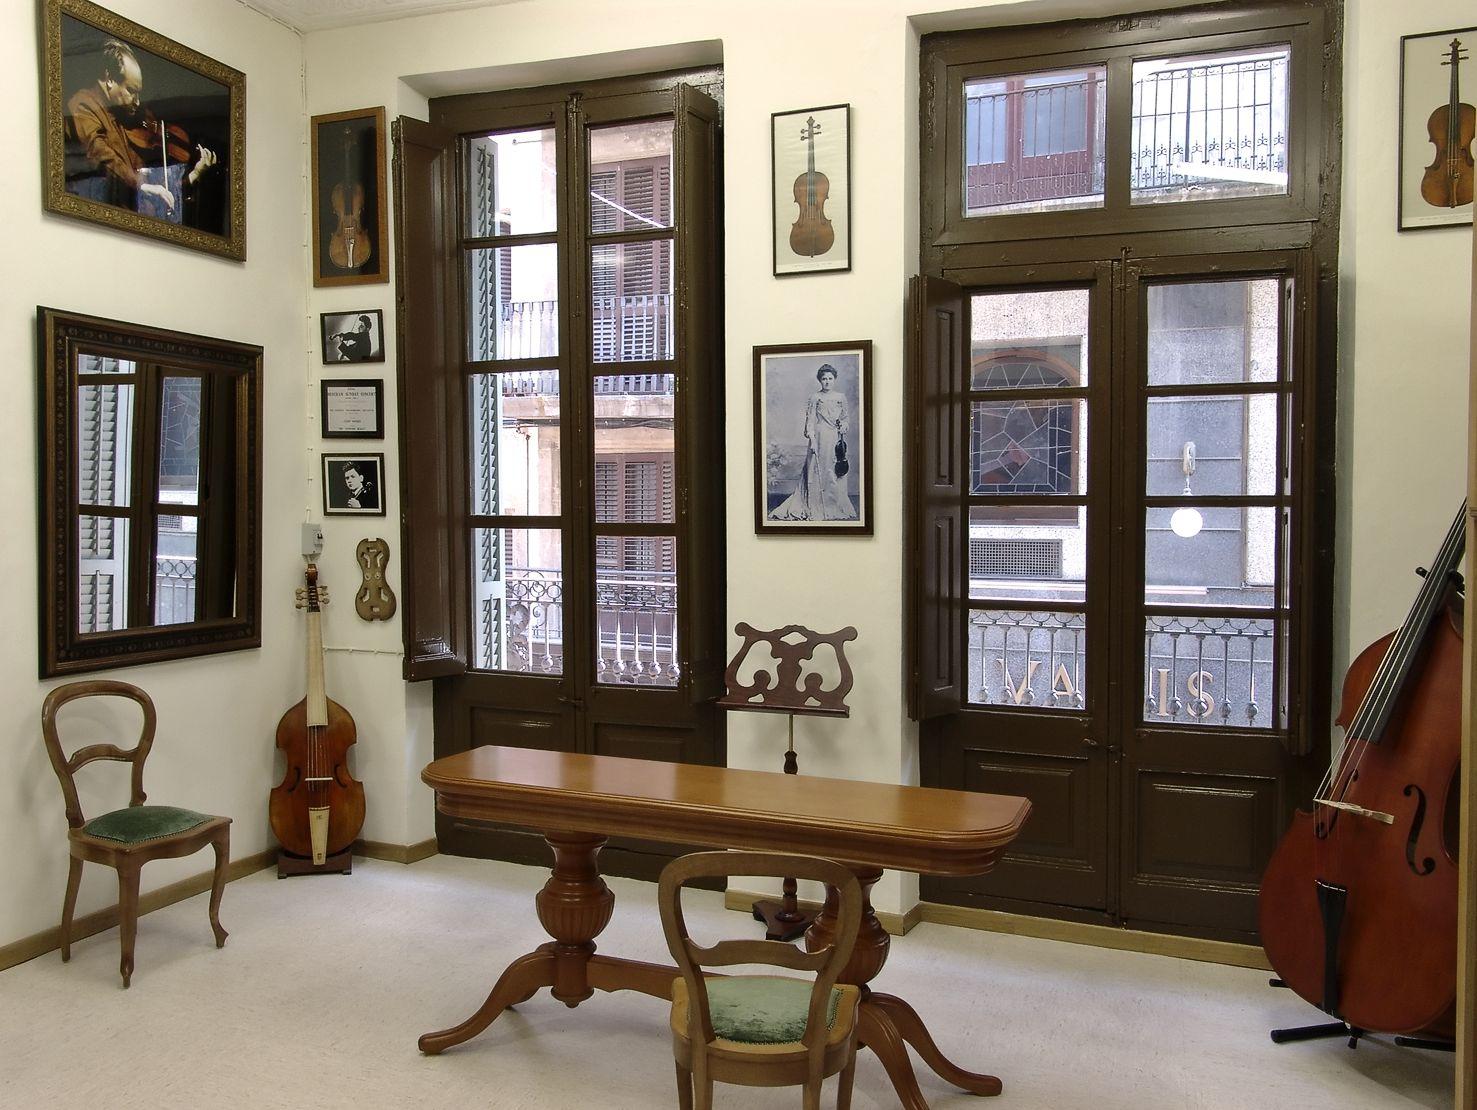 Quienes somos casa parramon luthiers des de 1897 for Casa luthier barcelona